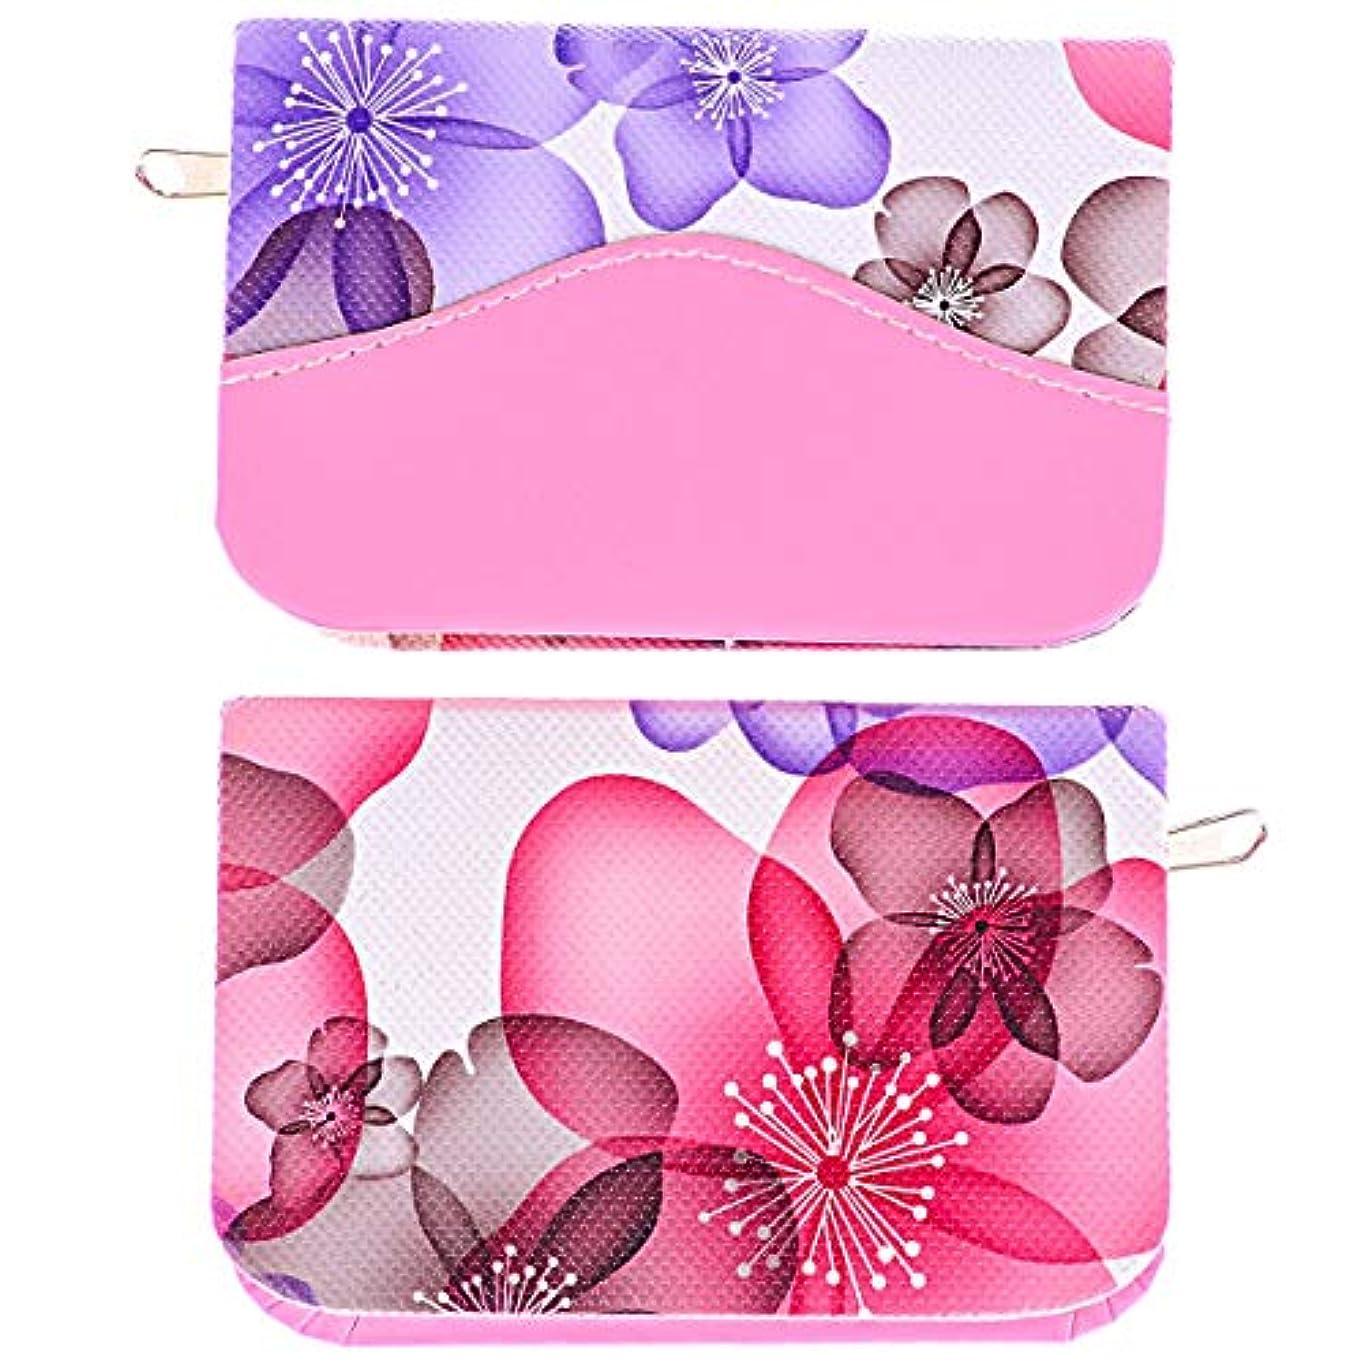 一致する懇願する言い訳ネイルナイフセットデコレーションネイルアート7ピースセットネイルクリッパーネイルハサミ美容セット ジッパーバッグ